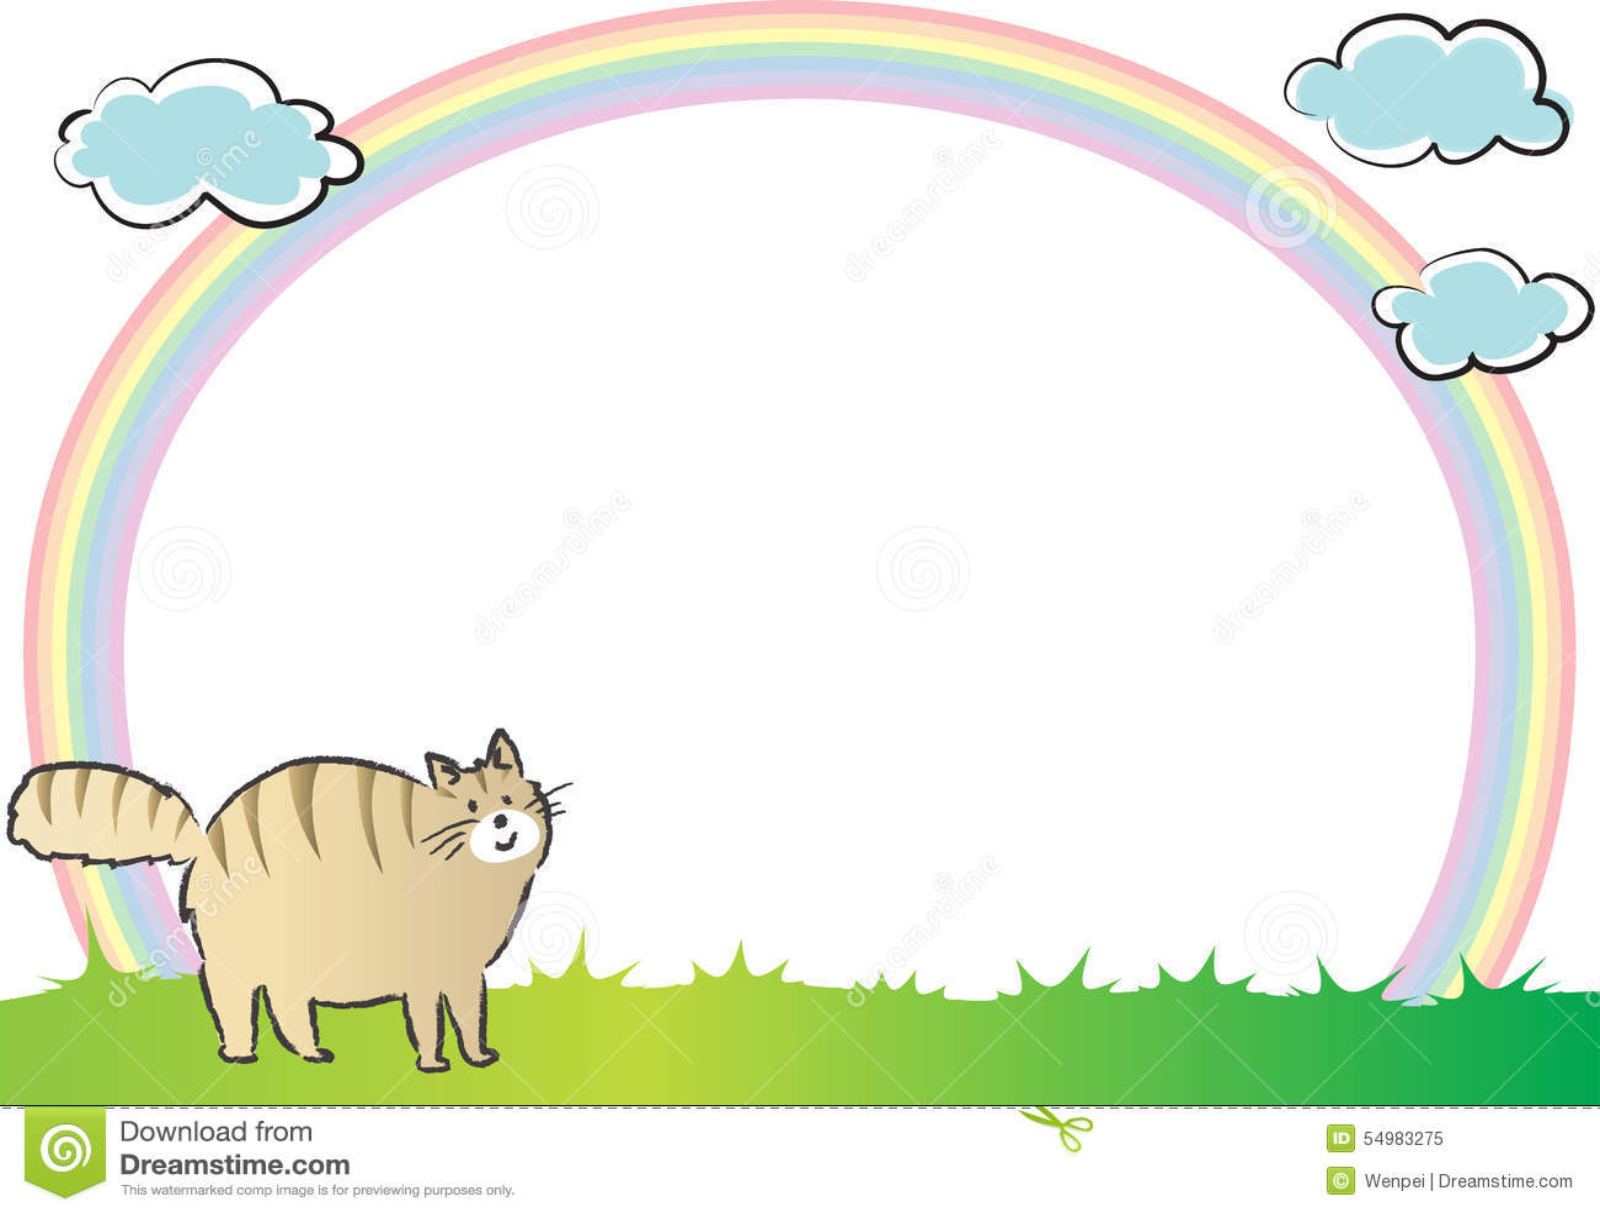 Katt och regnbåge i bakgrunden